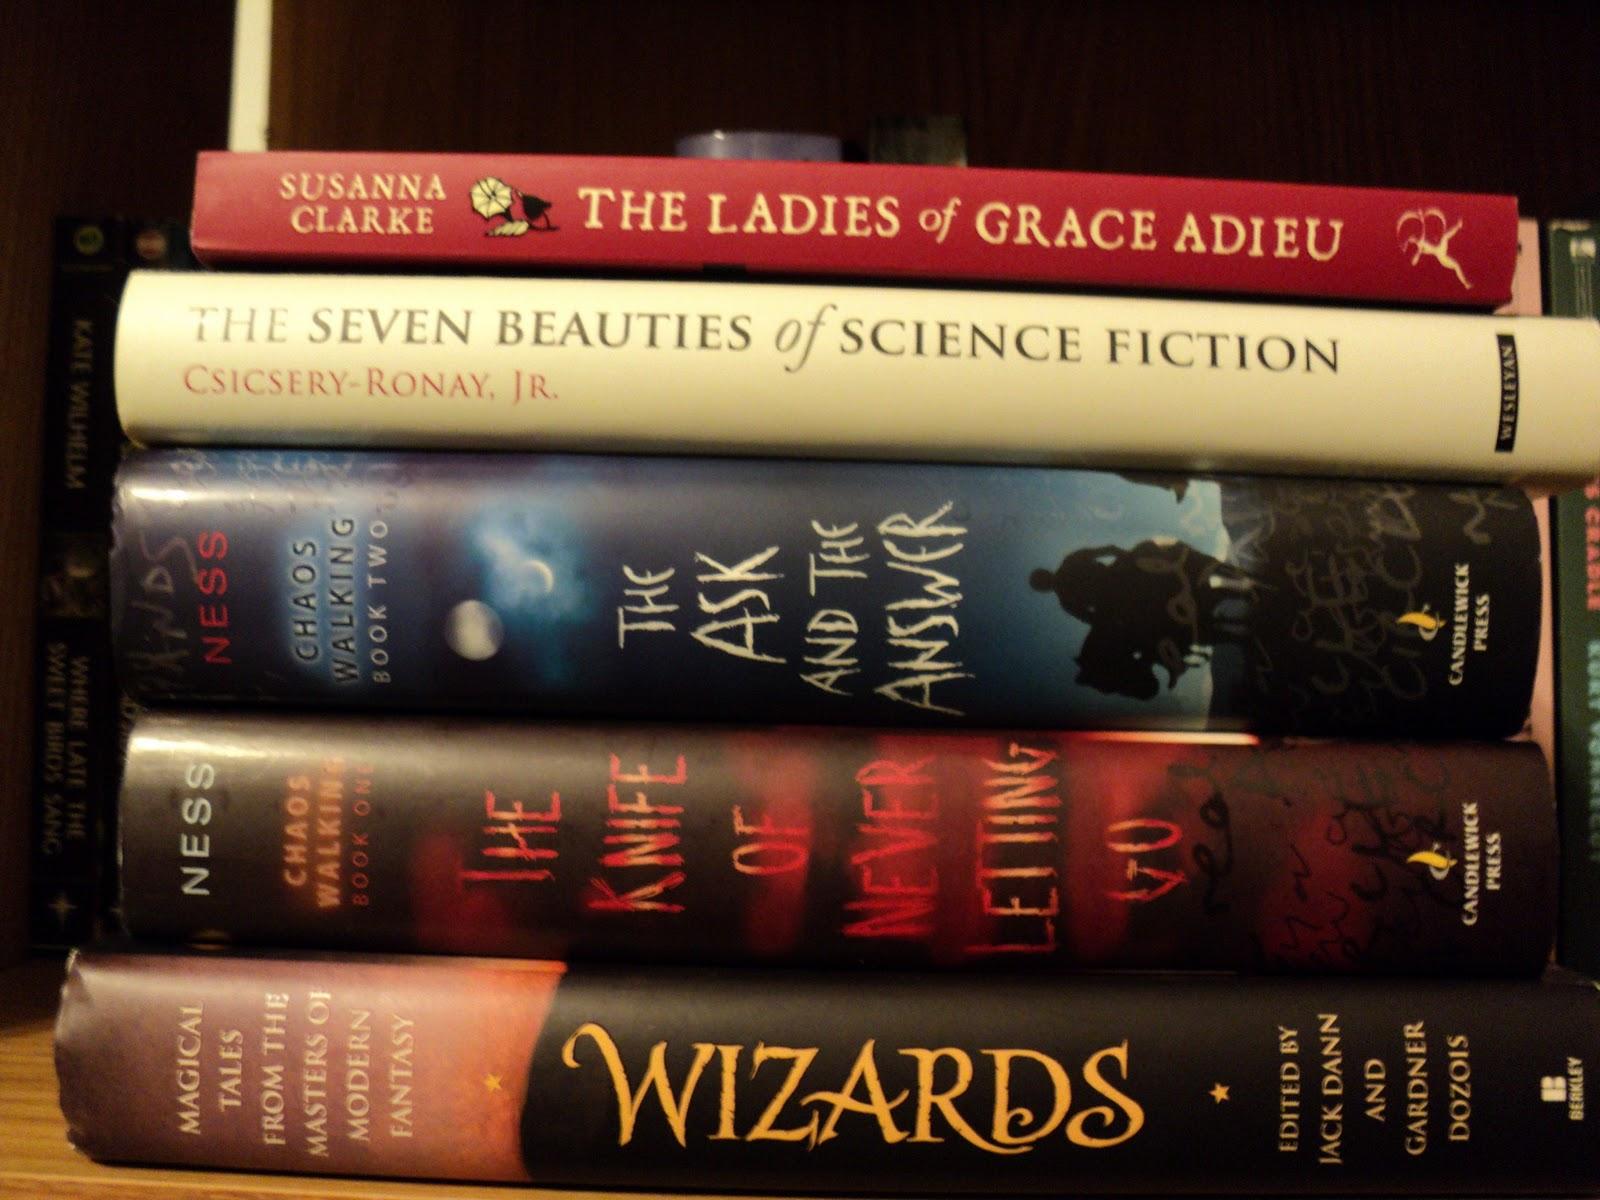 http://4.bp.blogspot.com/_d5oY65EF1Ts/TPxBXcZNhcI/AAAAAAAADBs/55SxHkJze7s/s1600/Anti-Book+Porn2C.jpg